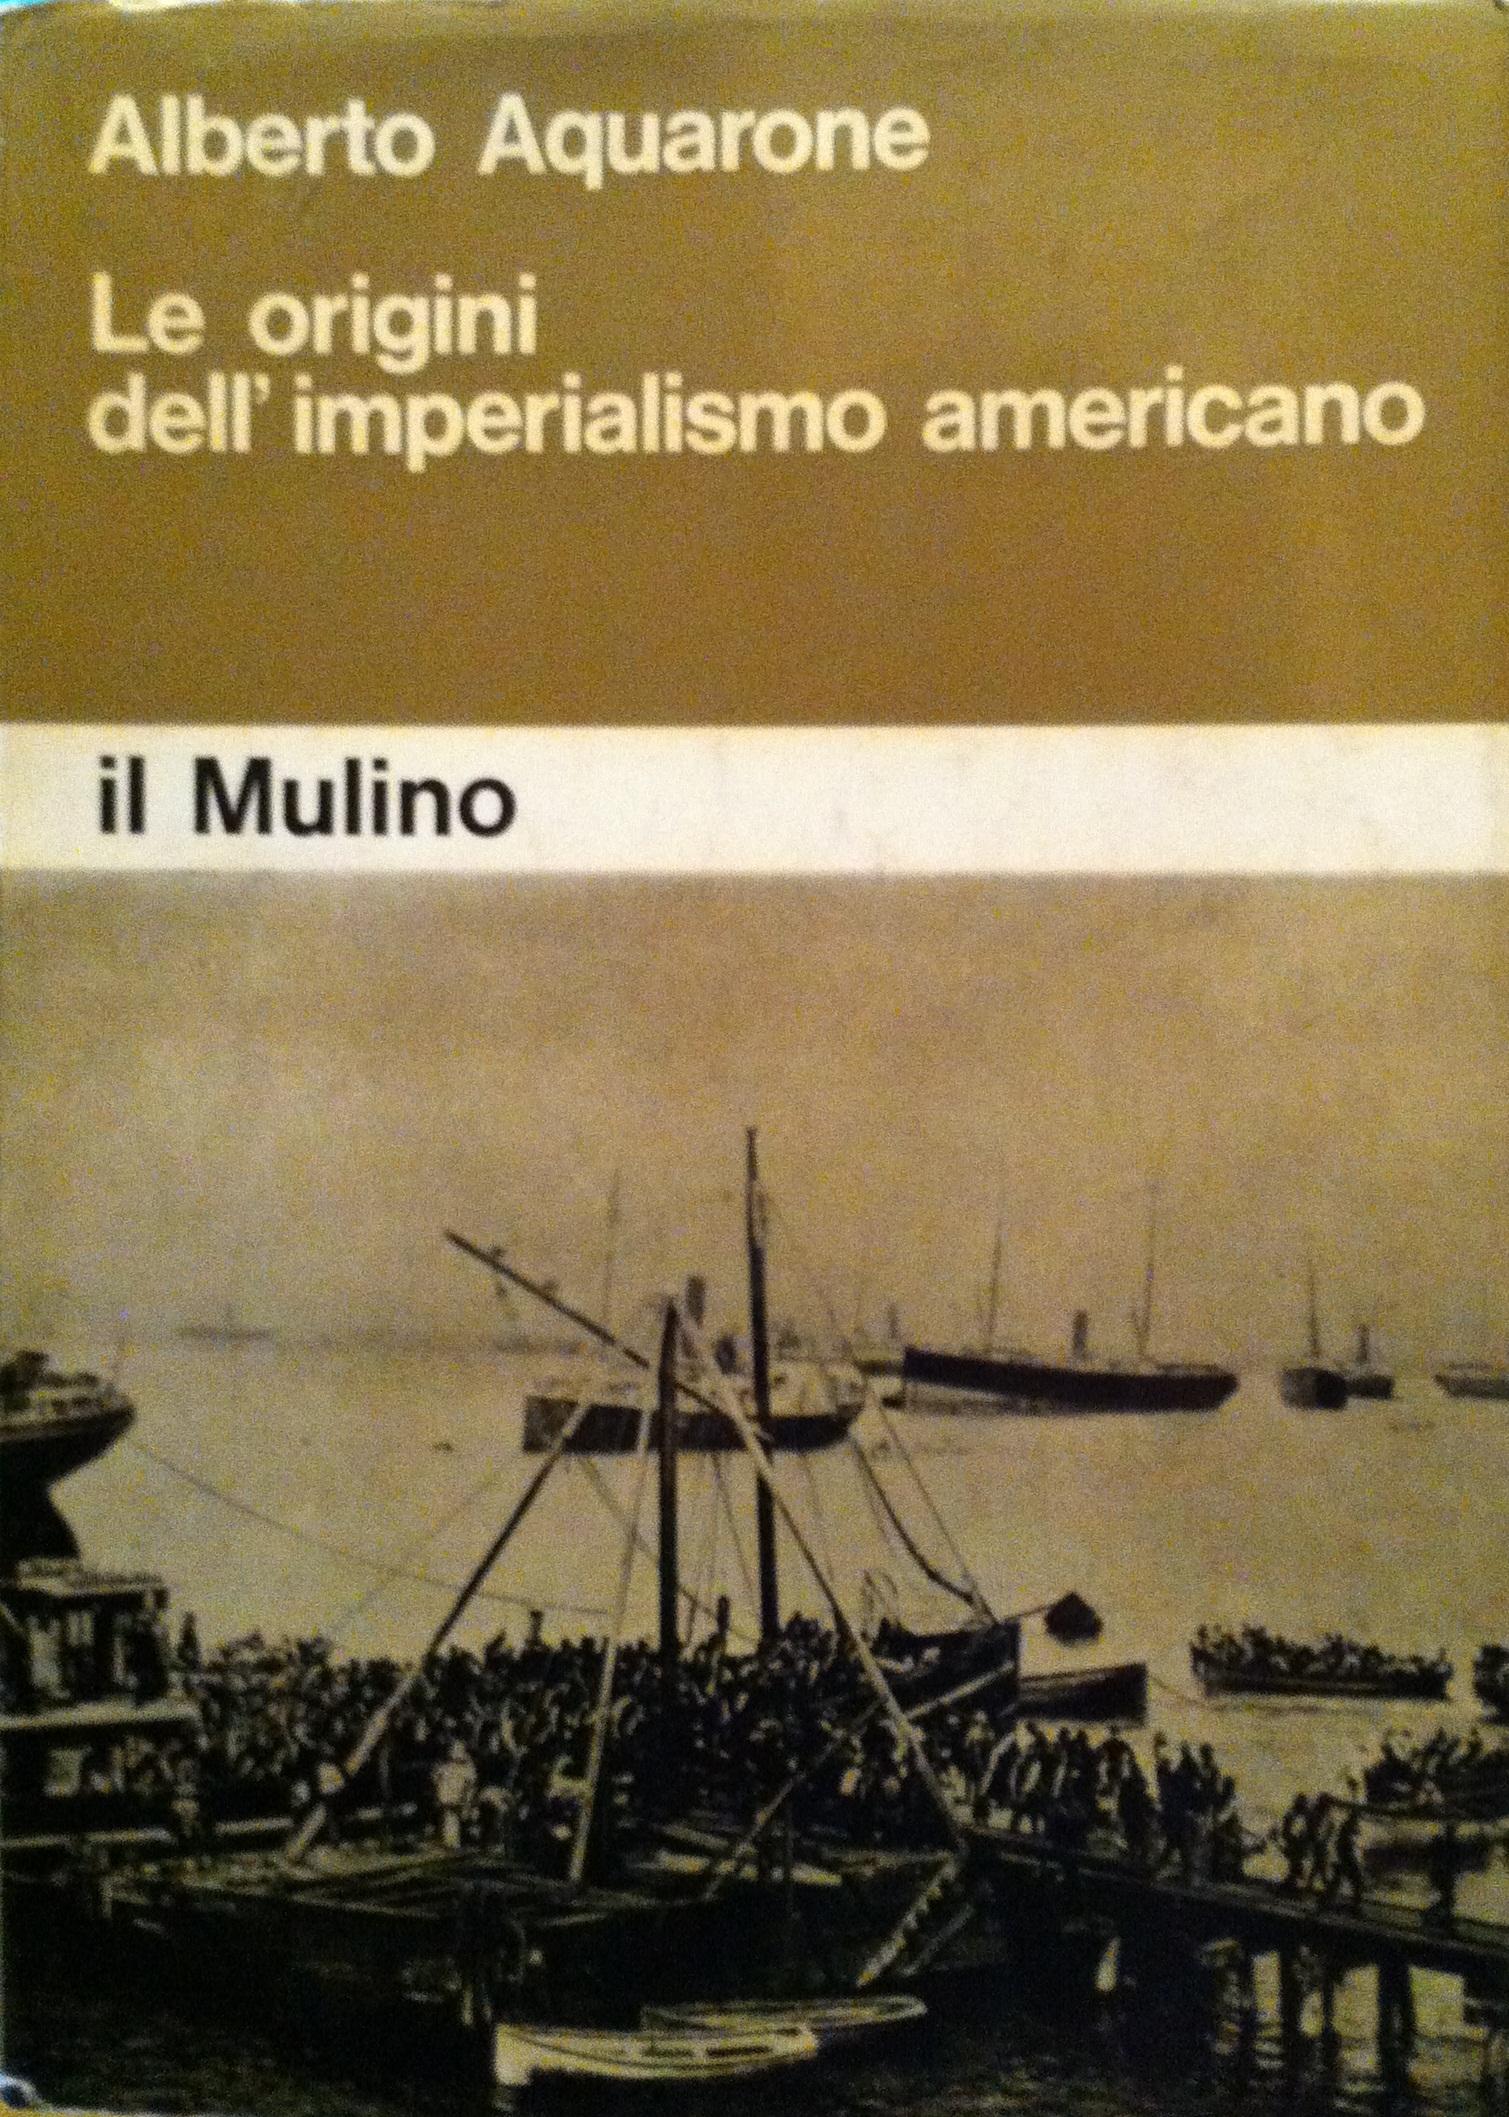 Le origini dell'imperialismo americano